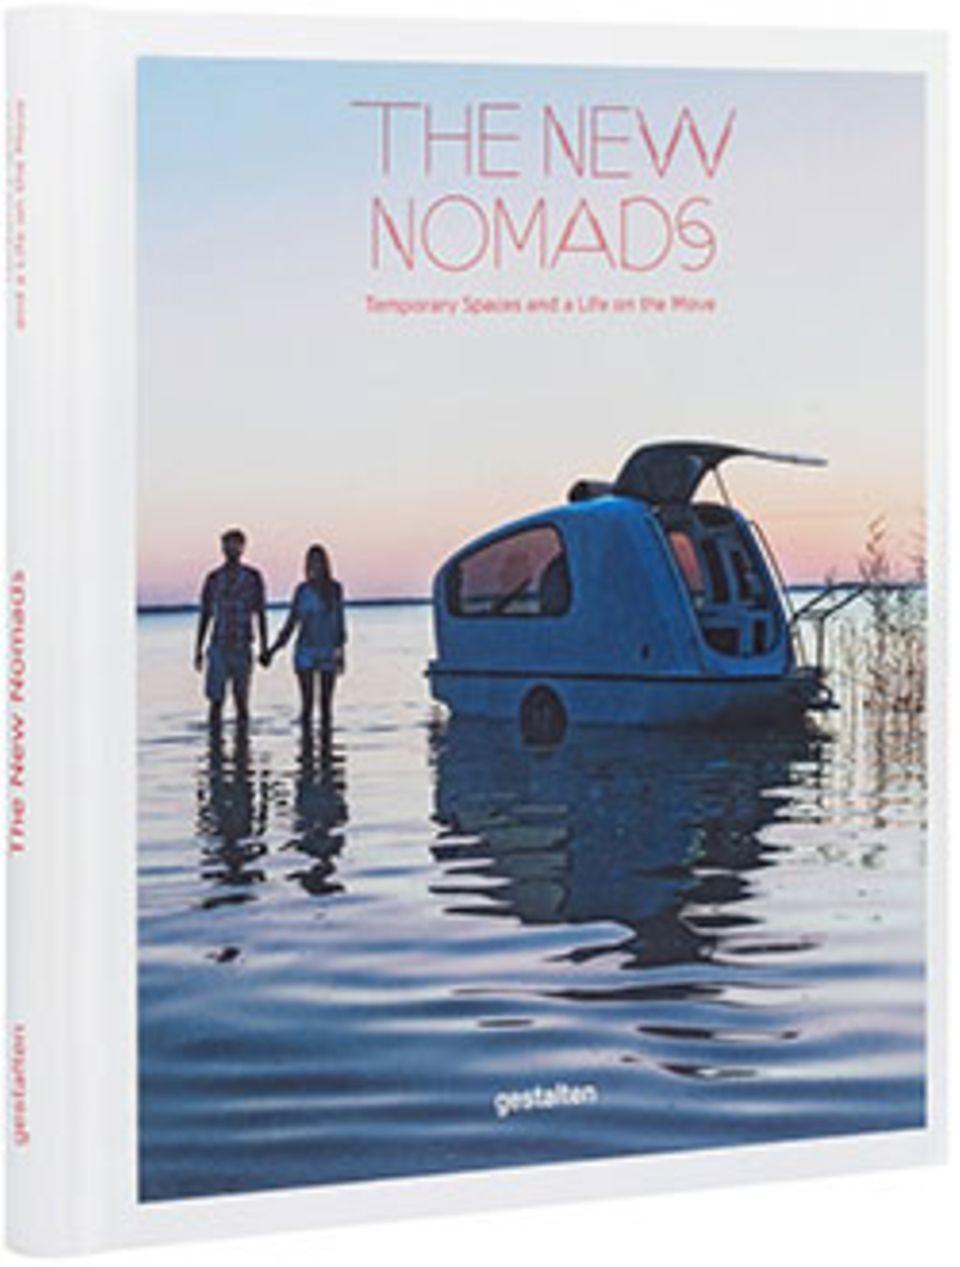 The New Nomads: The New Nomads, Robert Klanten, Sven Ehmann, Michelle Galindo, Hardcover, 224 Seiten, English, Gestalten Verlag, 39,90 Euro